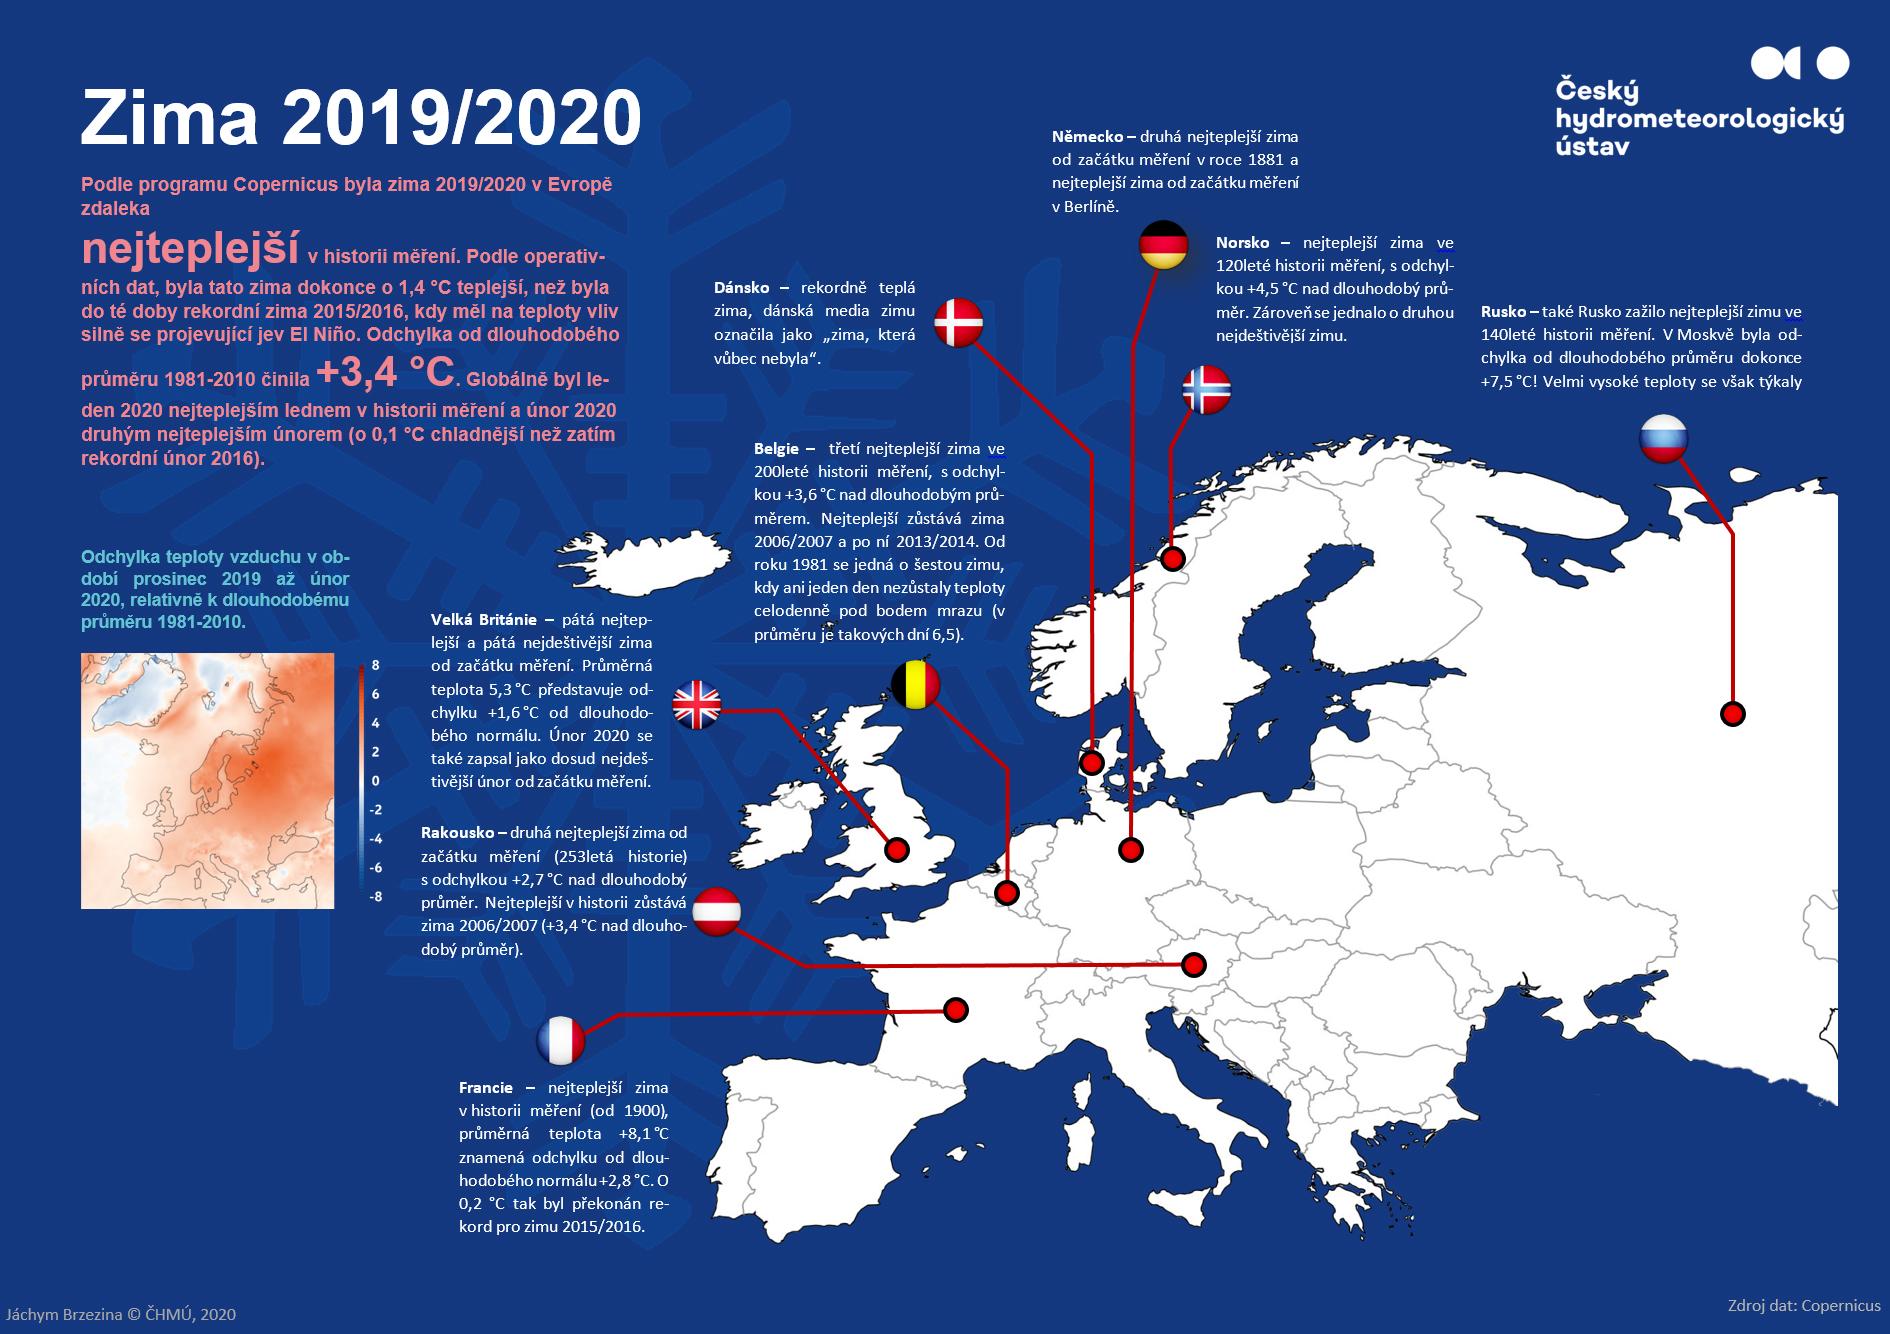 Zima 2019/2020 v Evropě